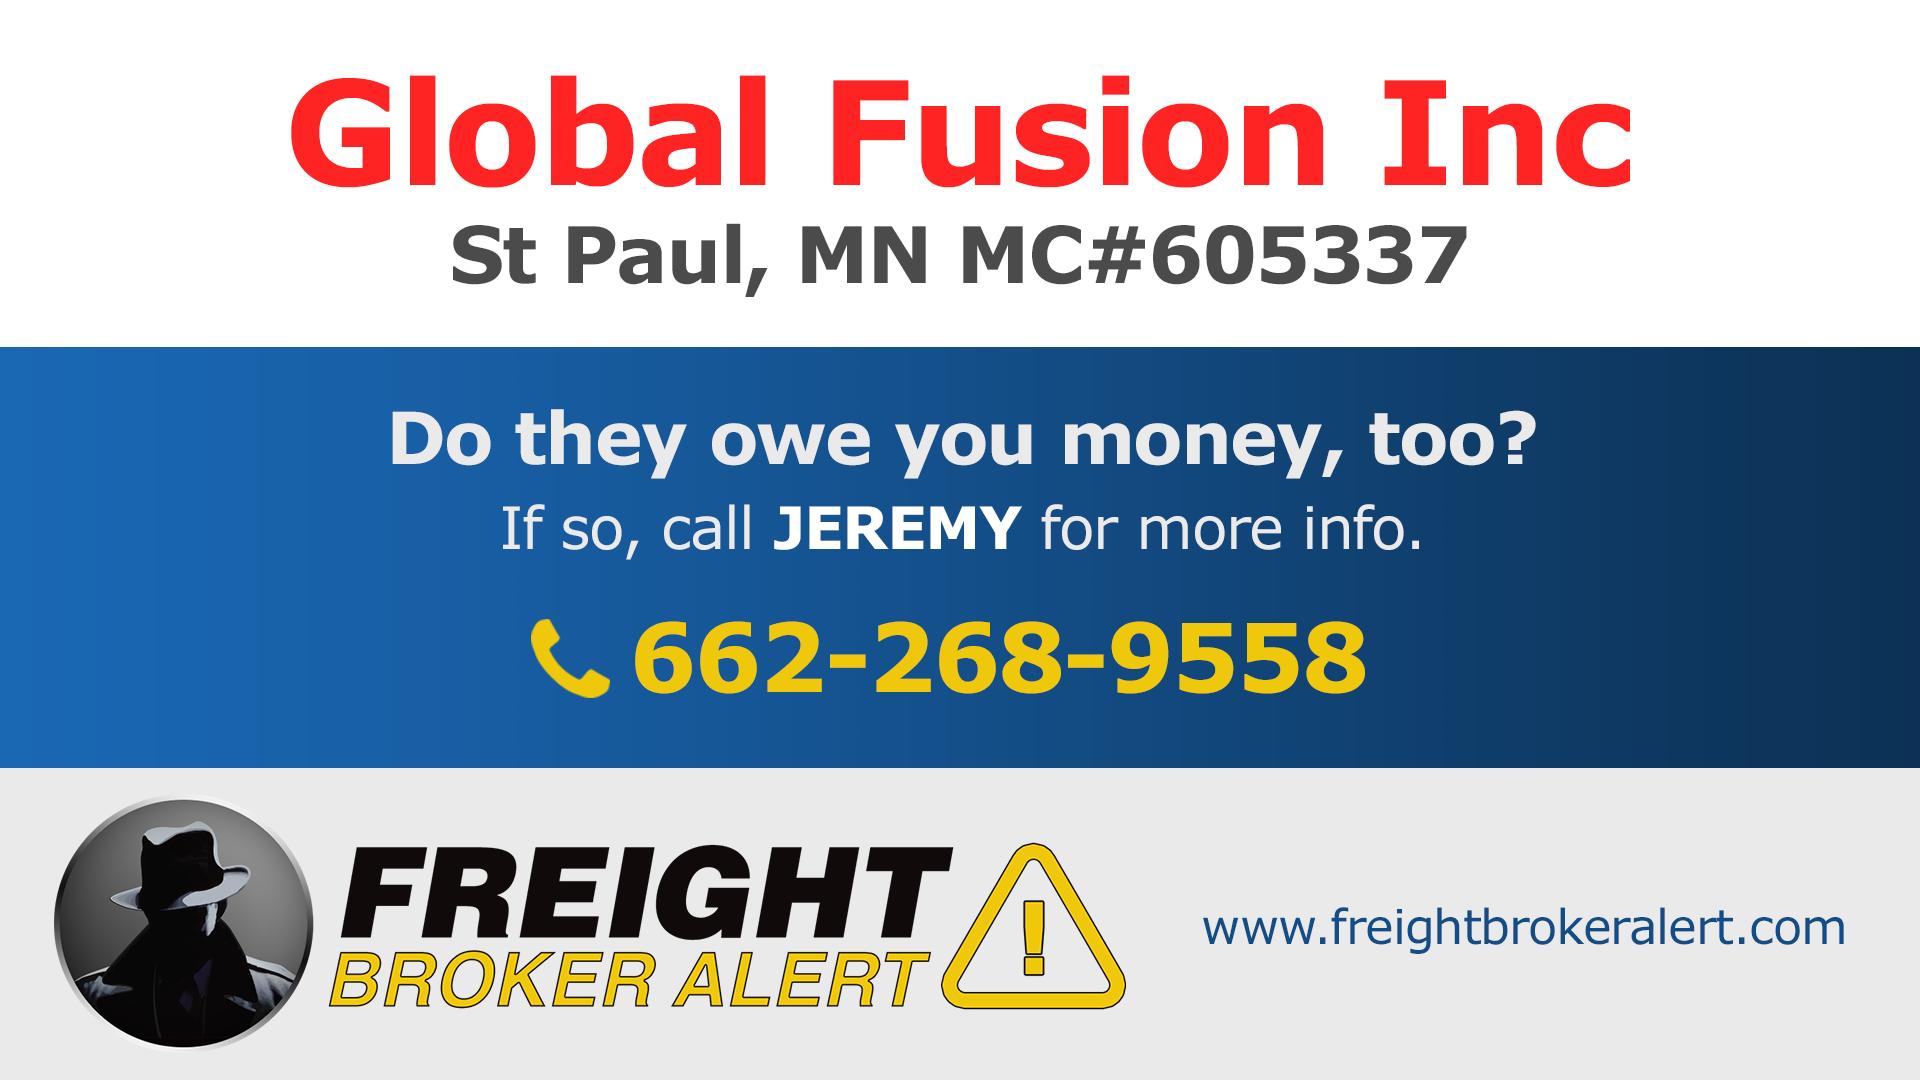 Global Fusion Inc Minnesota